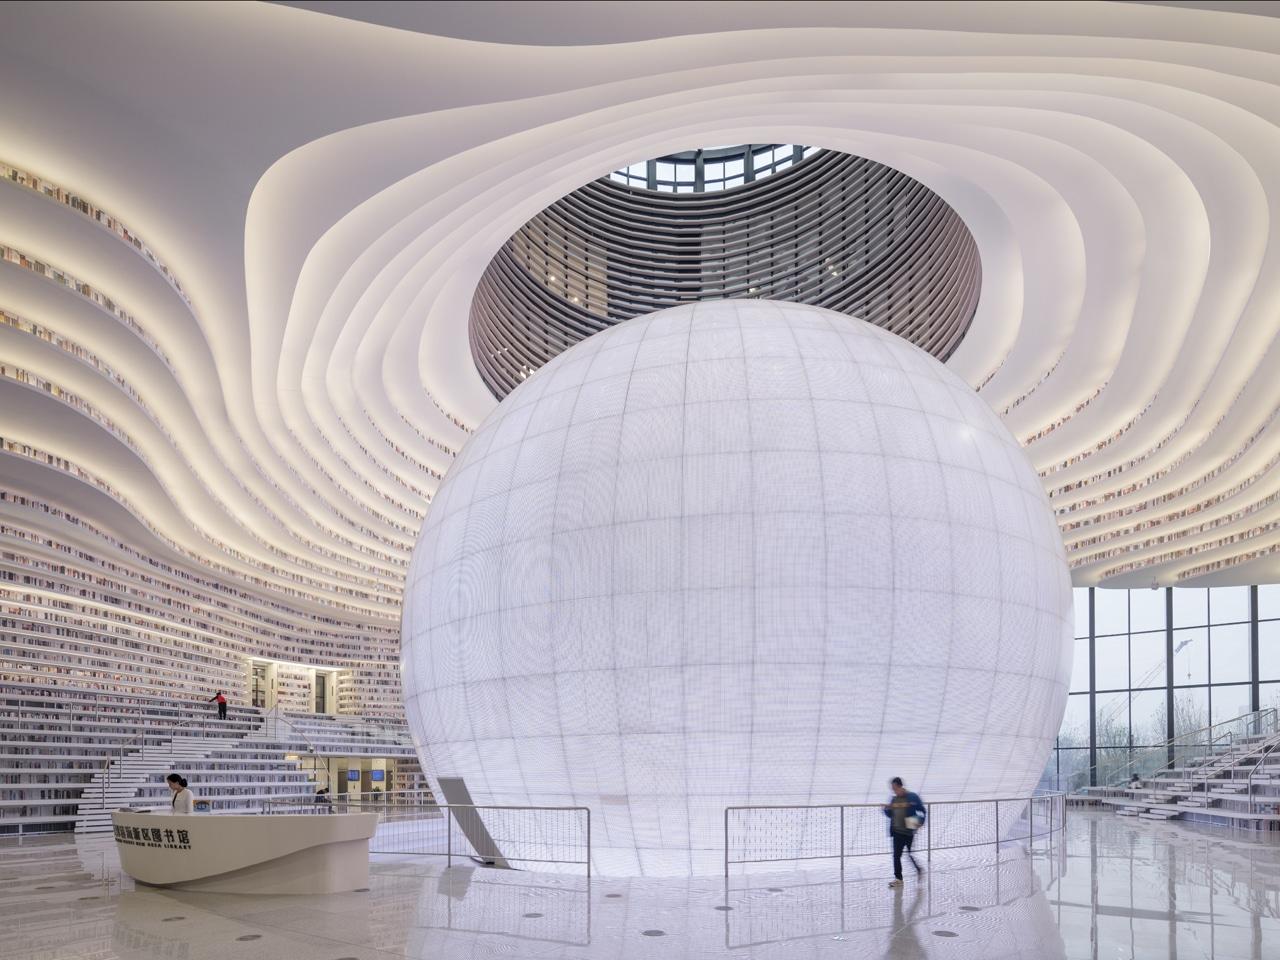 34b_library mvrdv tianjin_Tianjin_Library_∏kiiwan